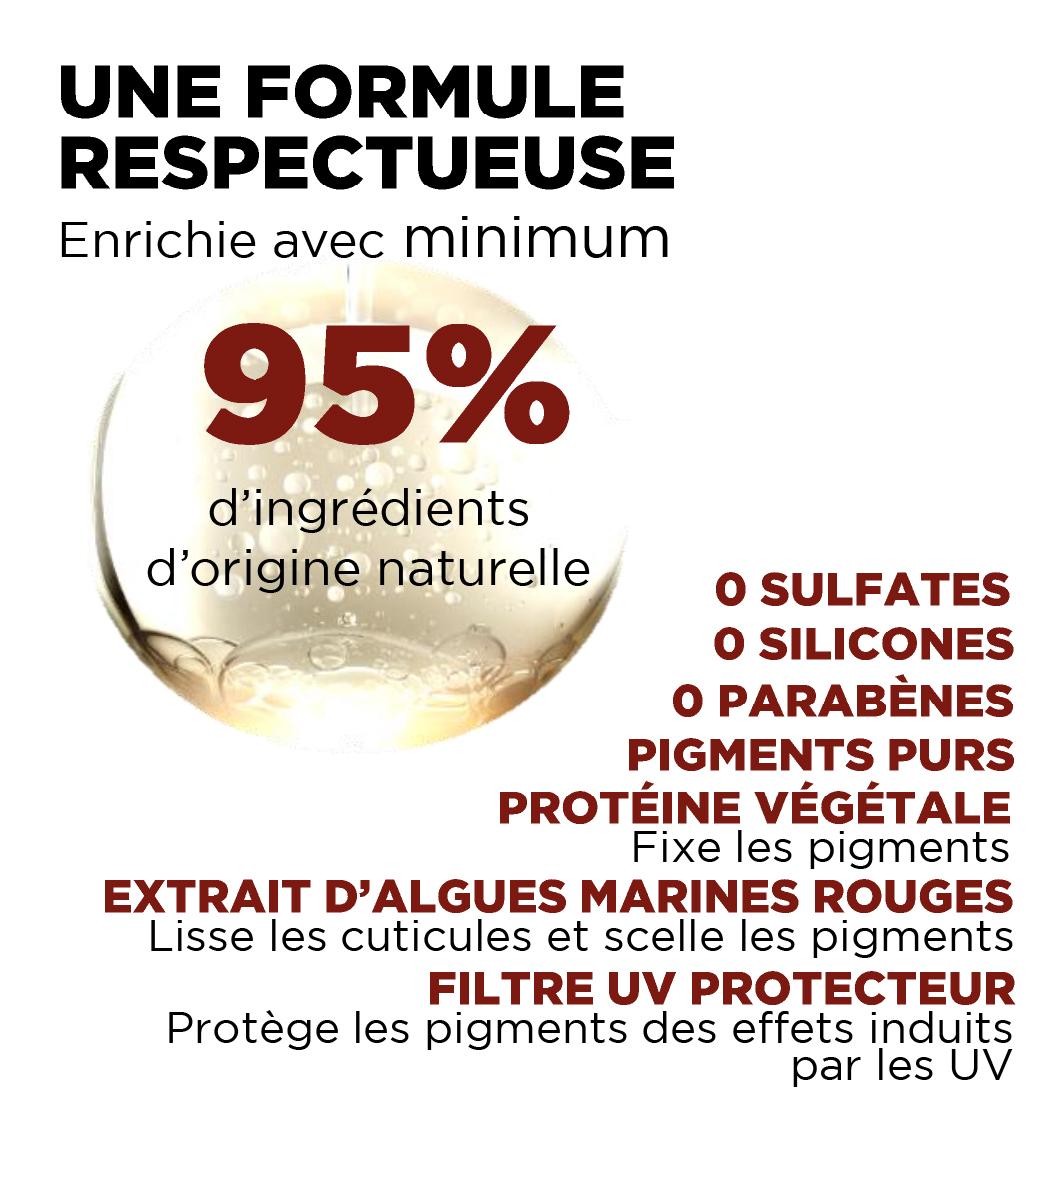 Une formule respectueuse Enrichie avec minimum 95% d'ingrédients d'origine naturelle.